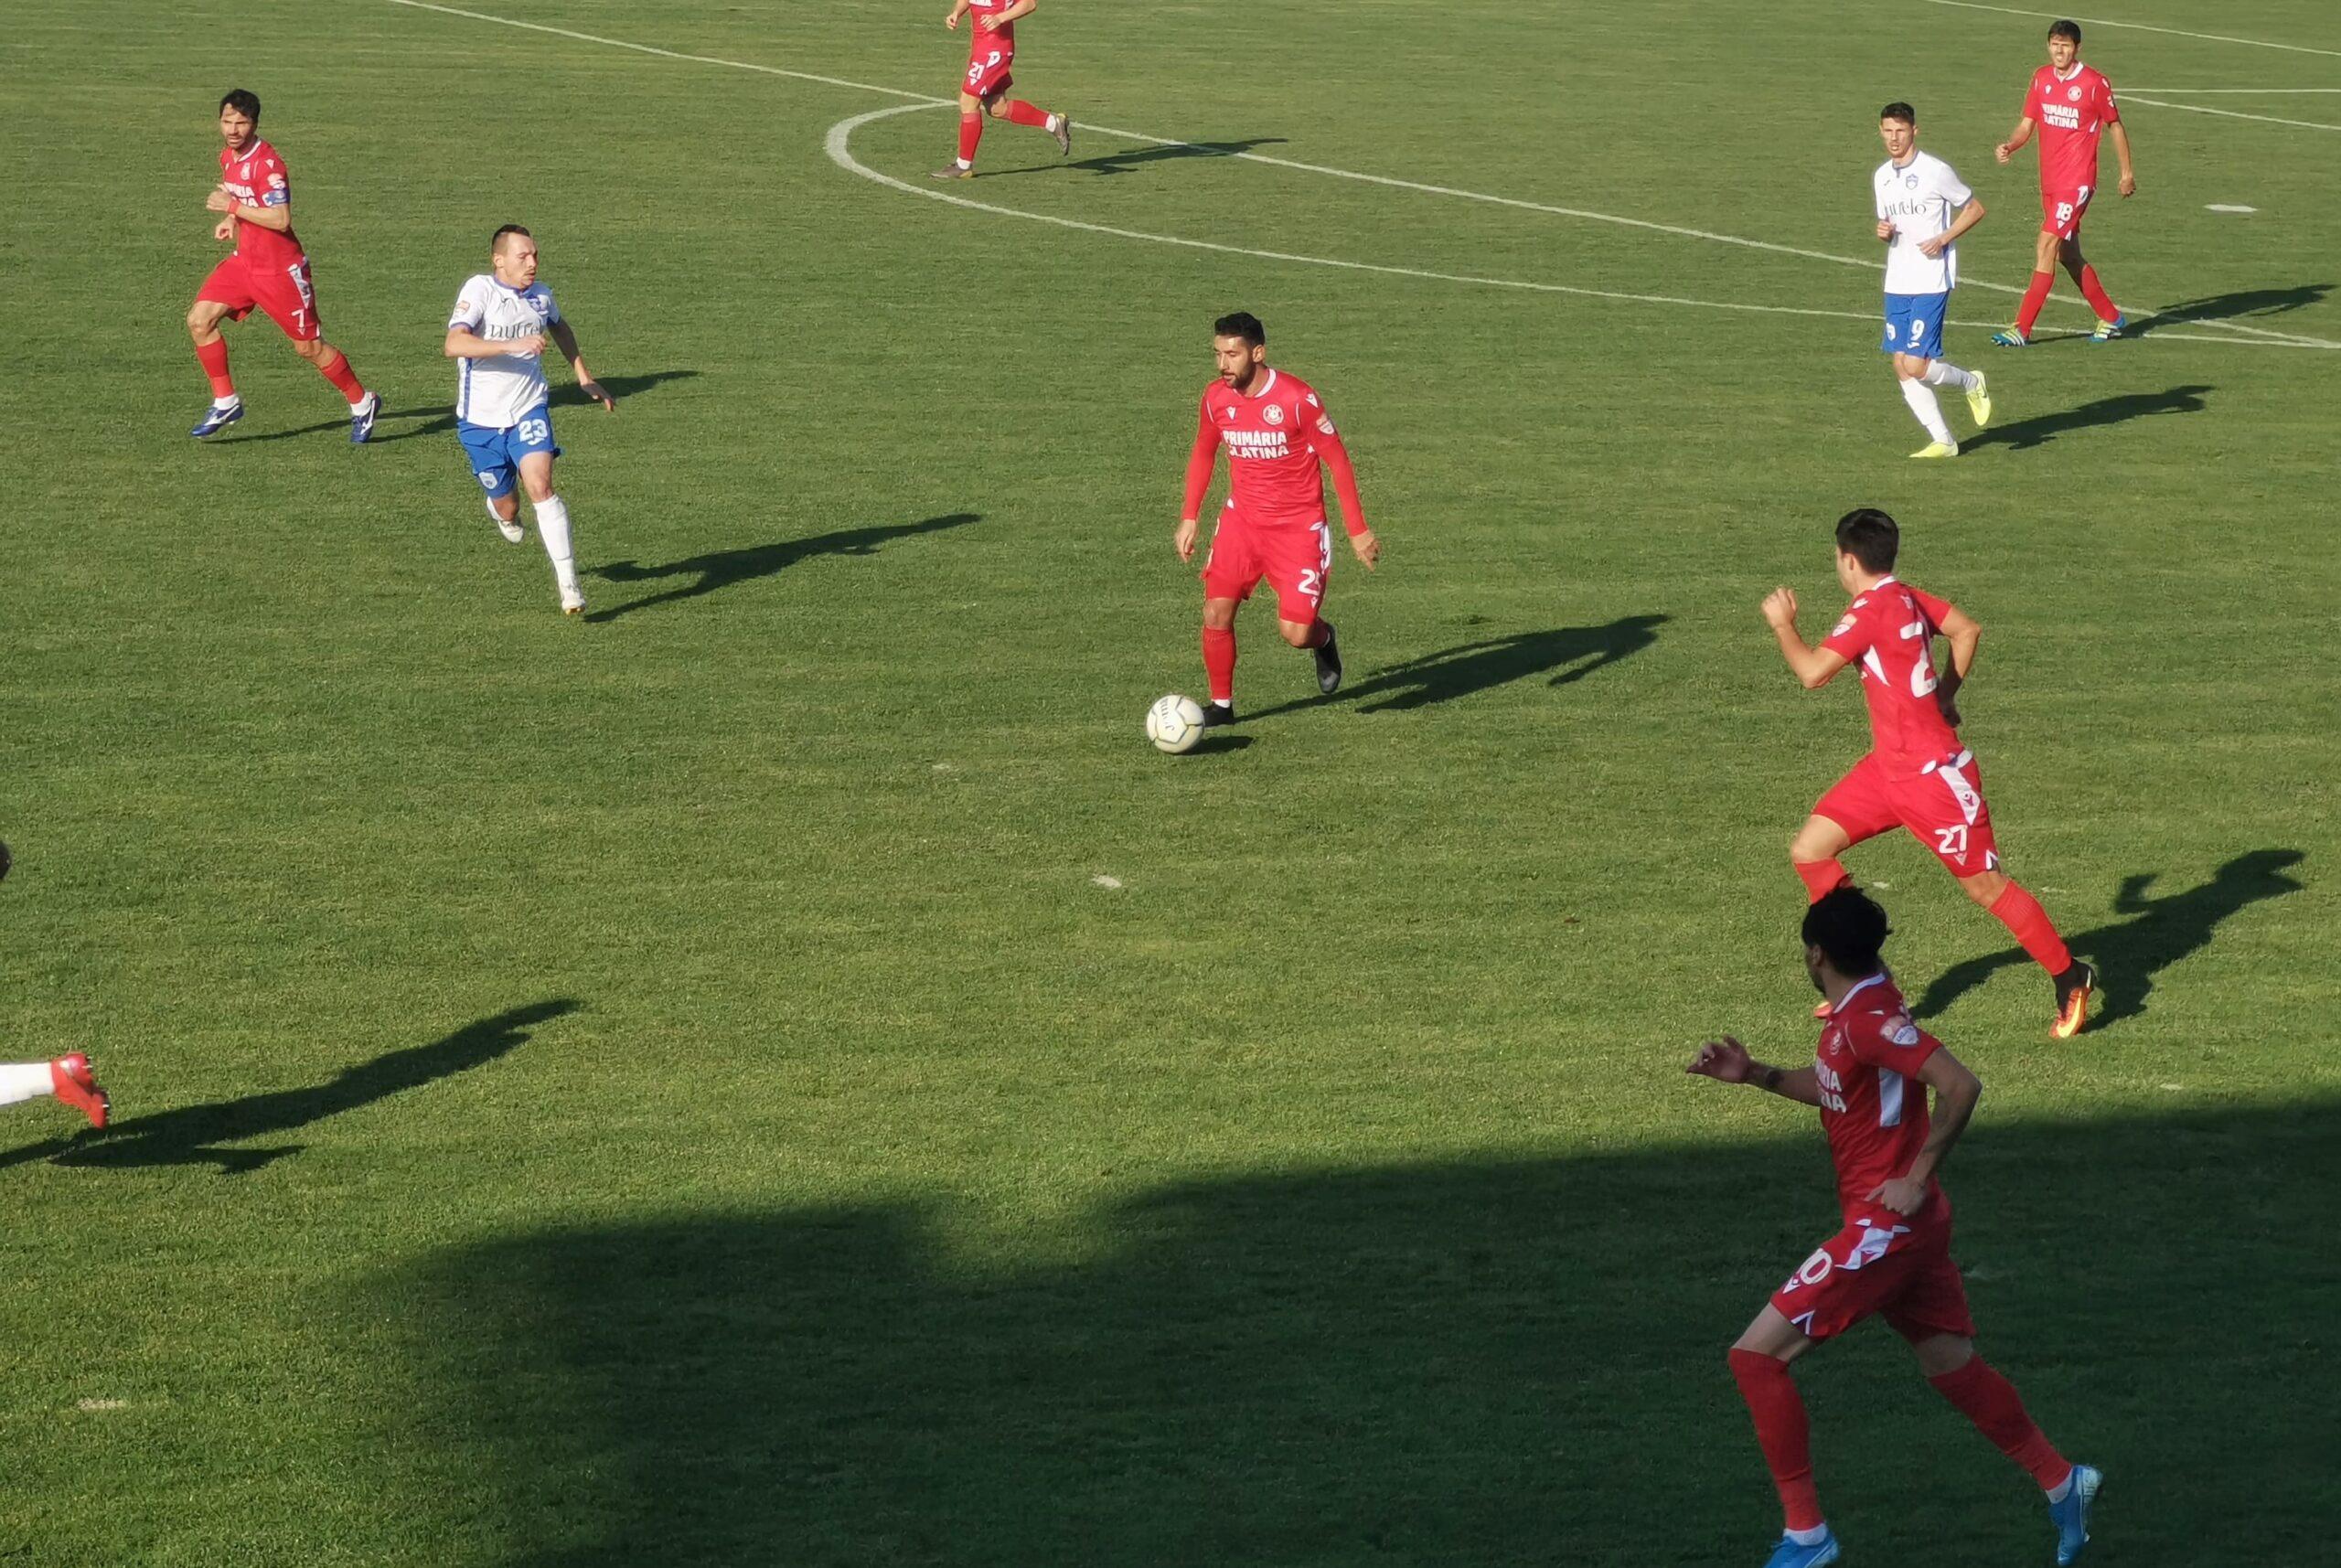 CSM Slatina, victorie mare în Liga a II-a. Slătinenii au învins, în ultimul meci de acasă, din acest an, o altă echipă ce aspiră la promovare